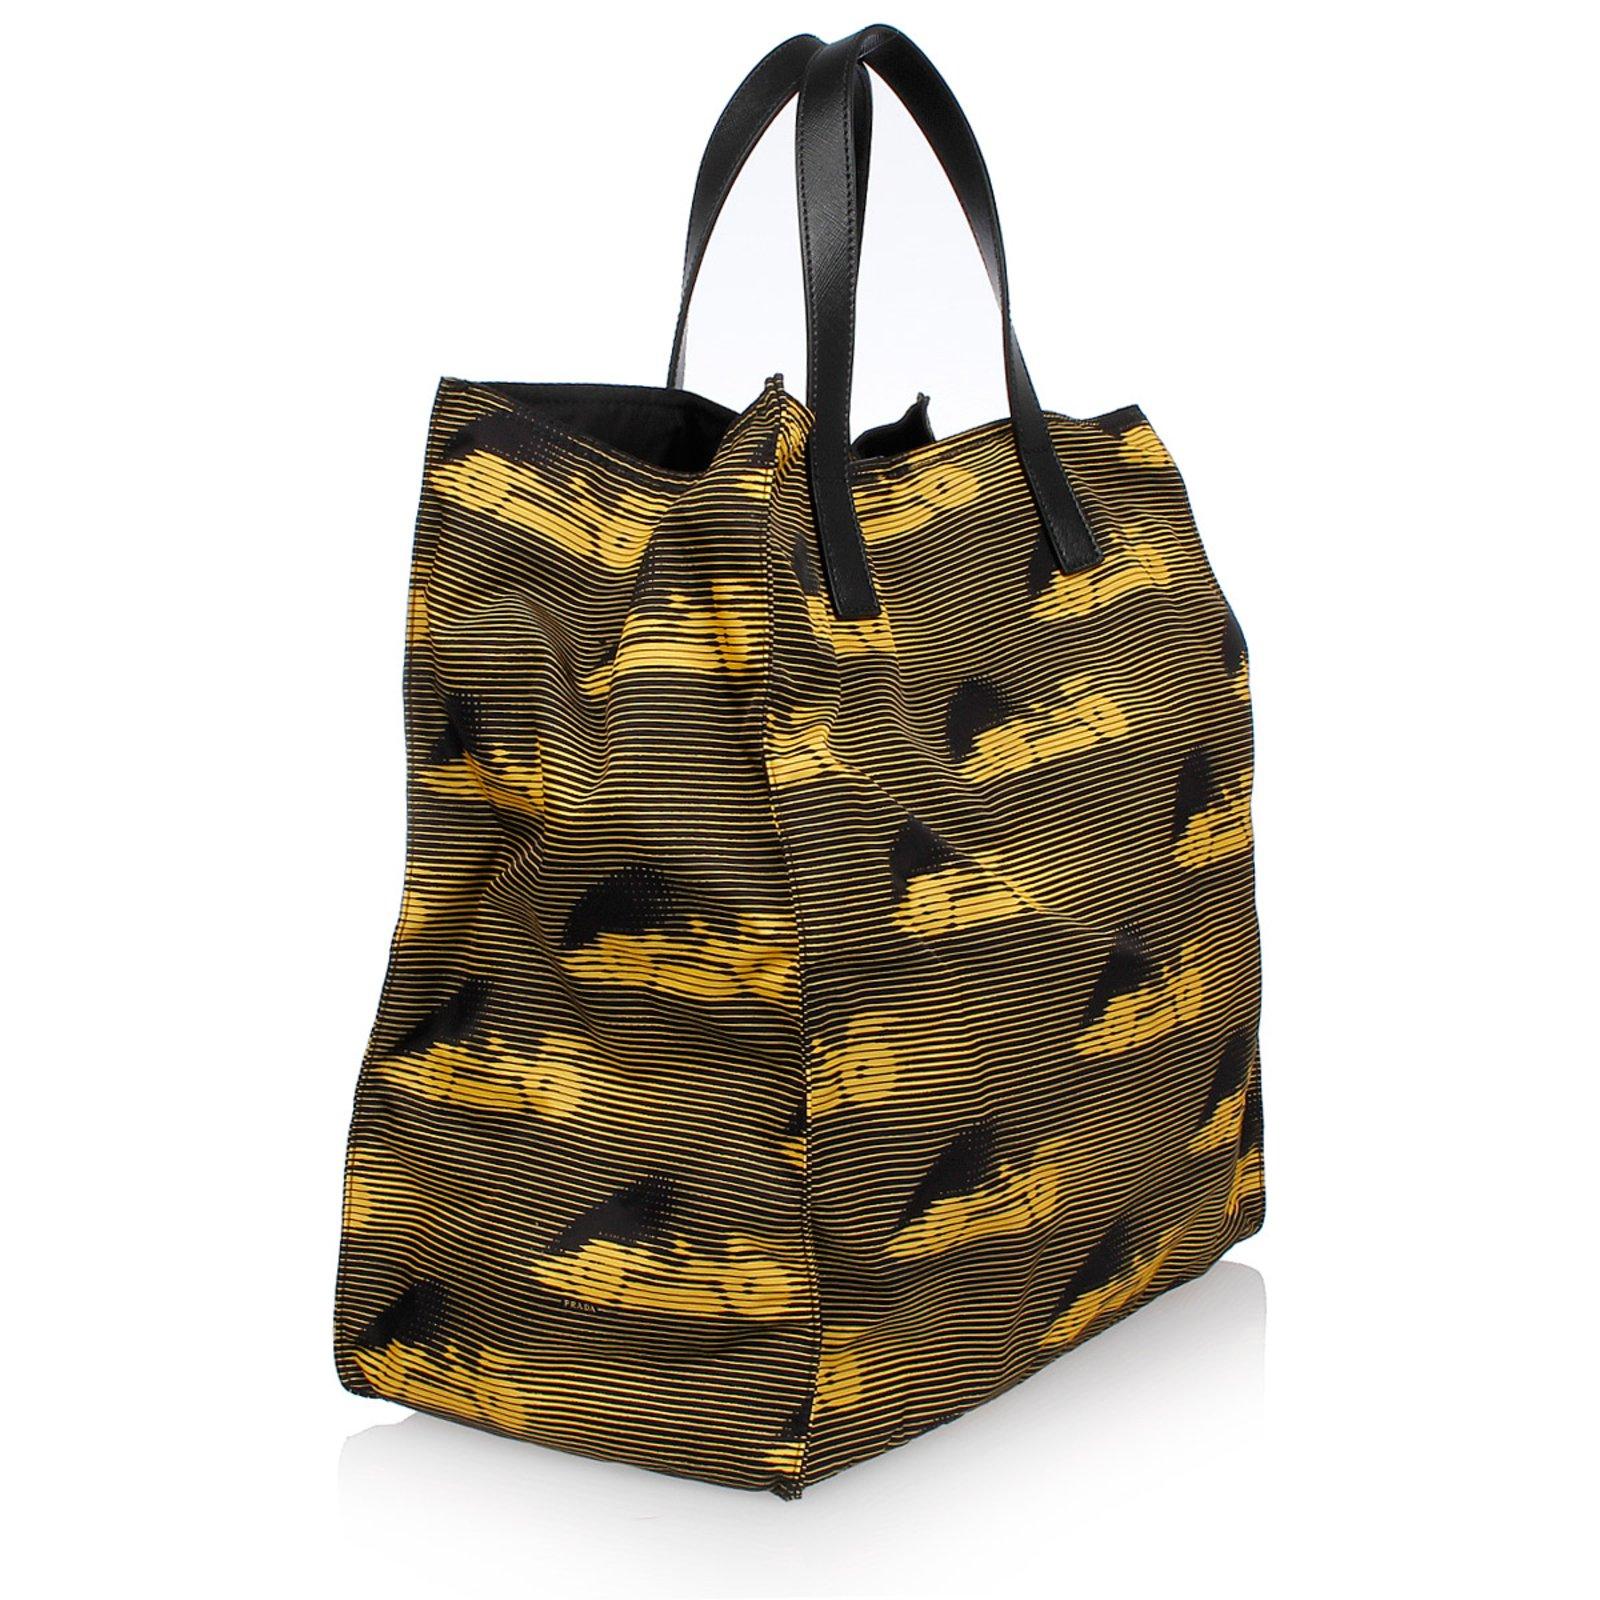 Prada Nylon Bag With Shoulder Strap Bags Briefcases Black Ref 42413 Joli Closet